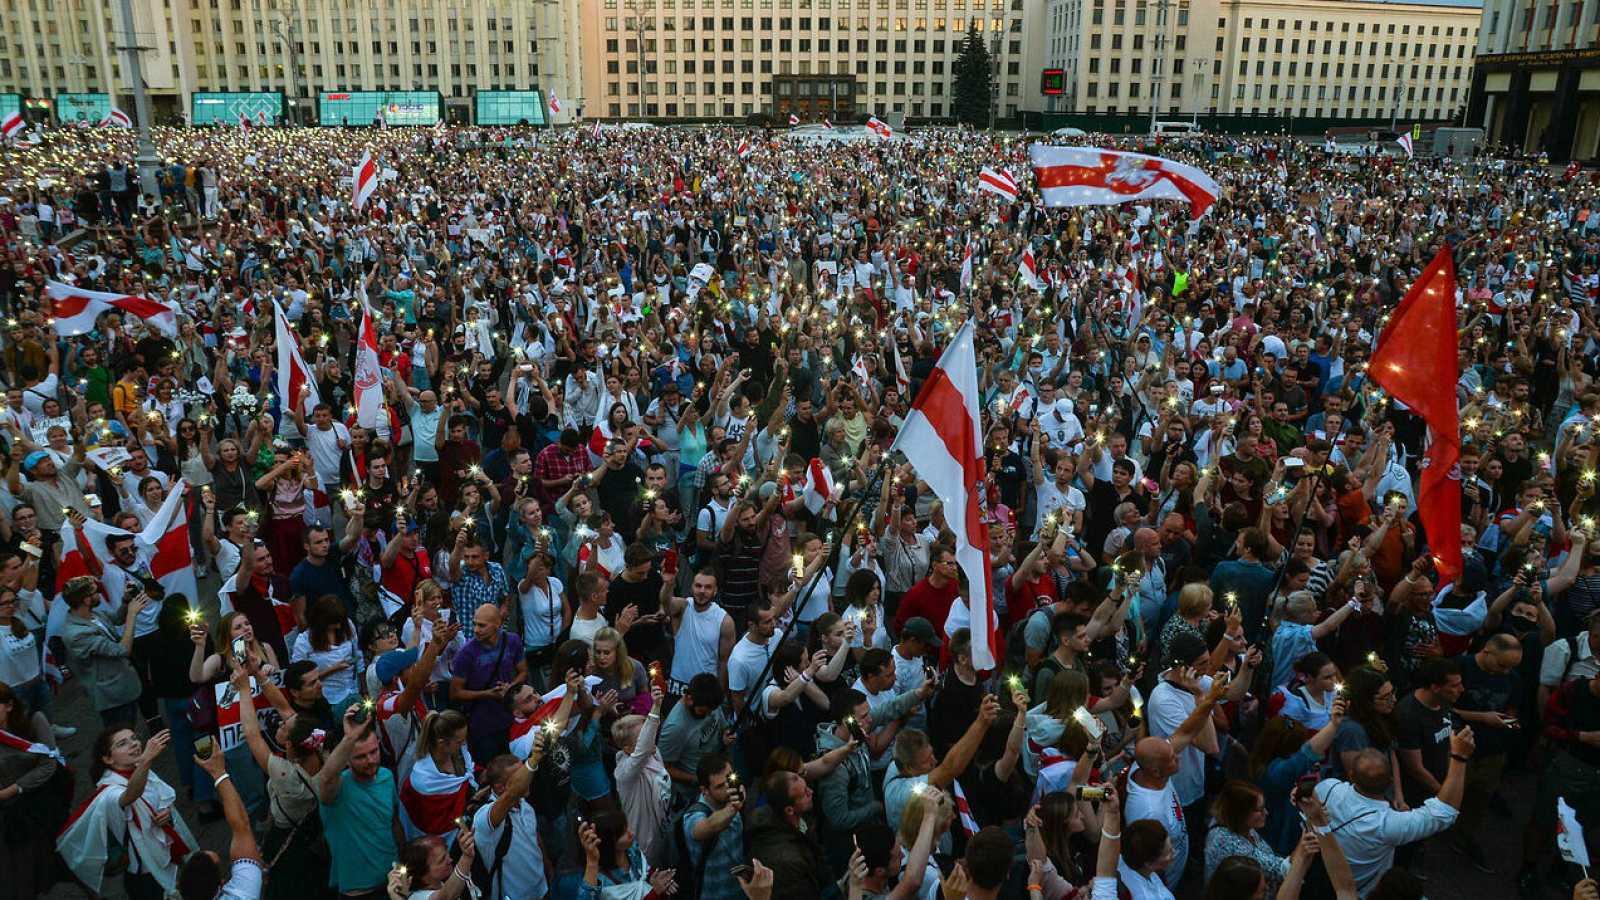 Gente asiste a una manifestación en apoyo de la oposición bielorrusa contra la brutalidad policial y los resultados de las elecciones presidenciales en Minsk, Bielorrusia.